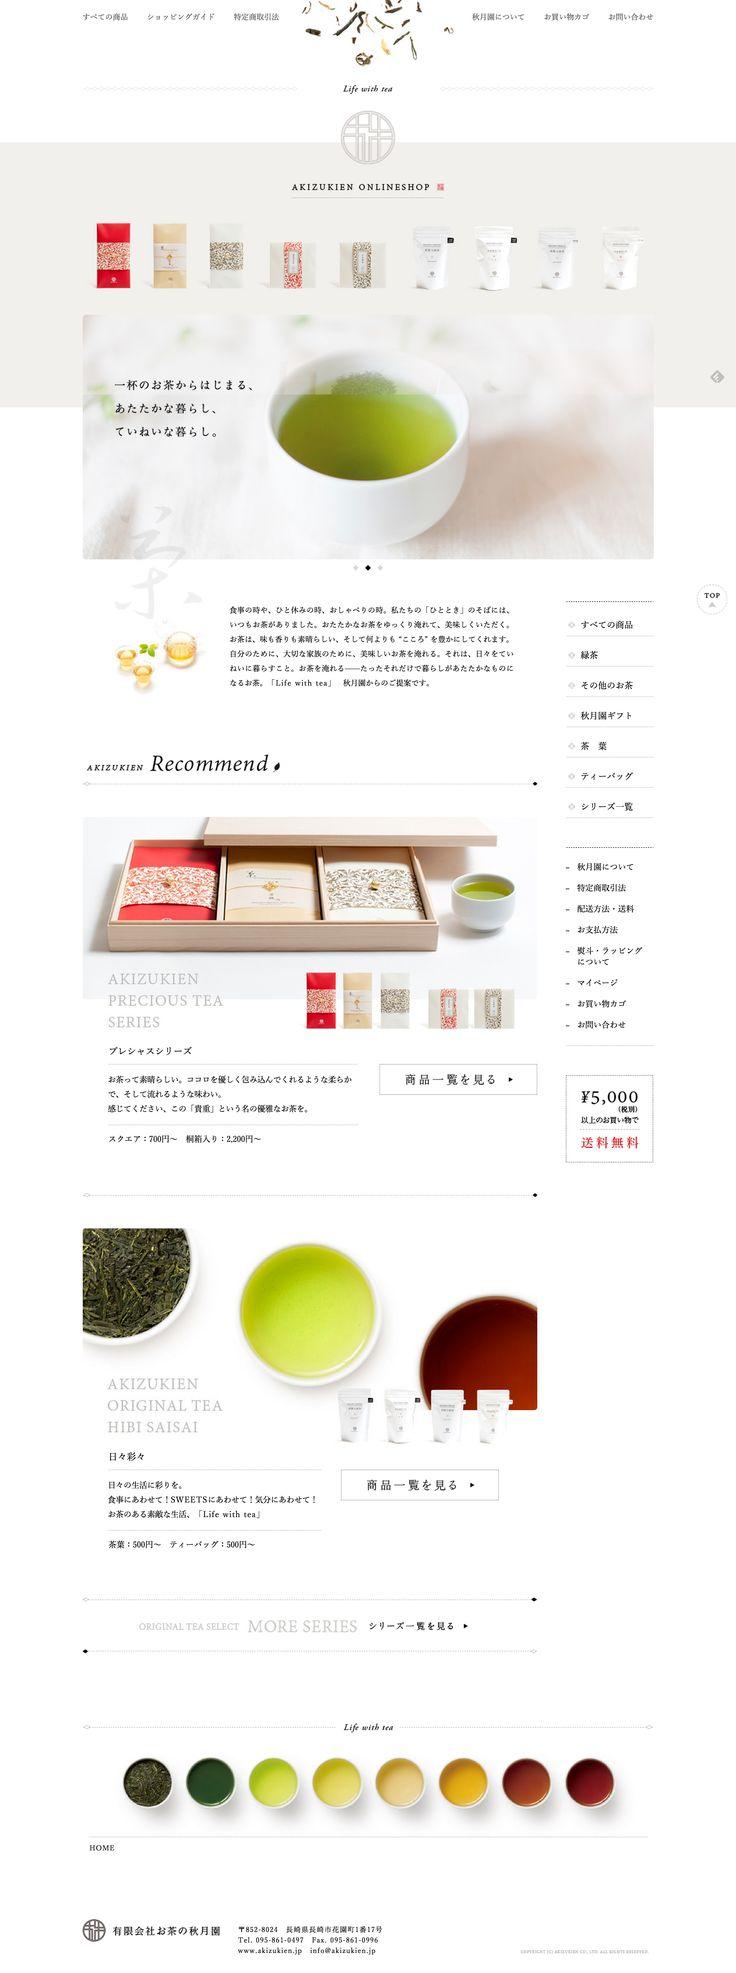 お茶の秋月園オンラインショップ AKIZUKIEN ONLINESHOP #webdesign #tea #onlineshop